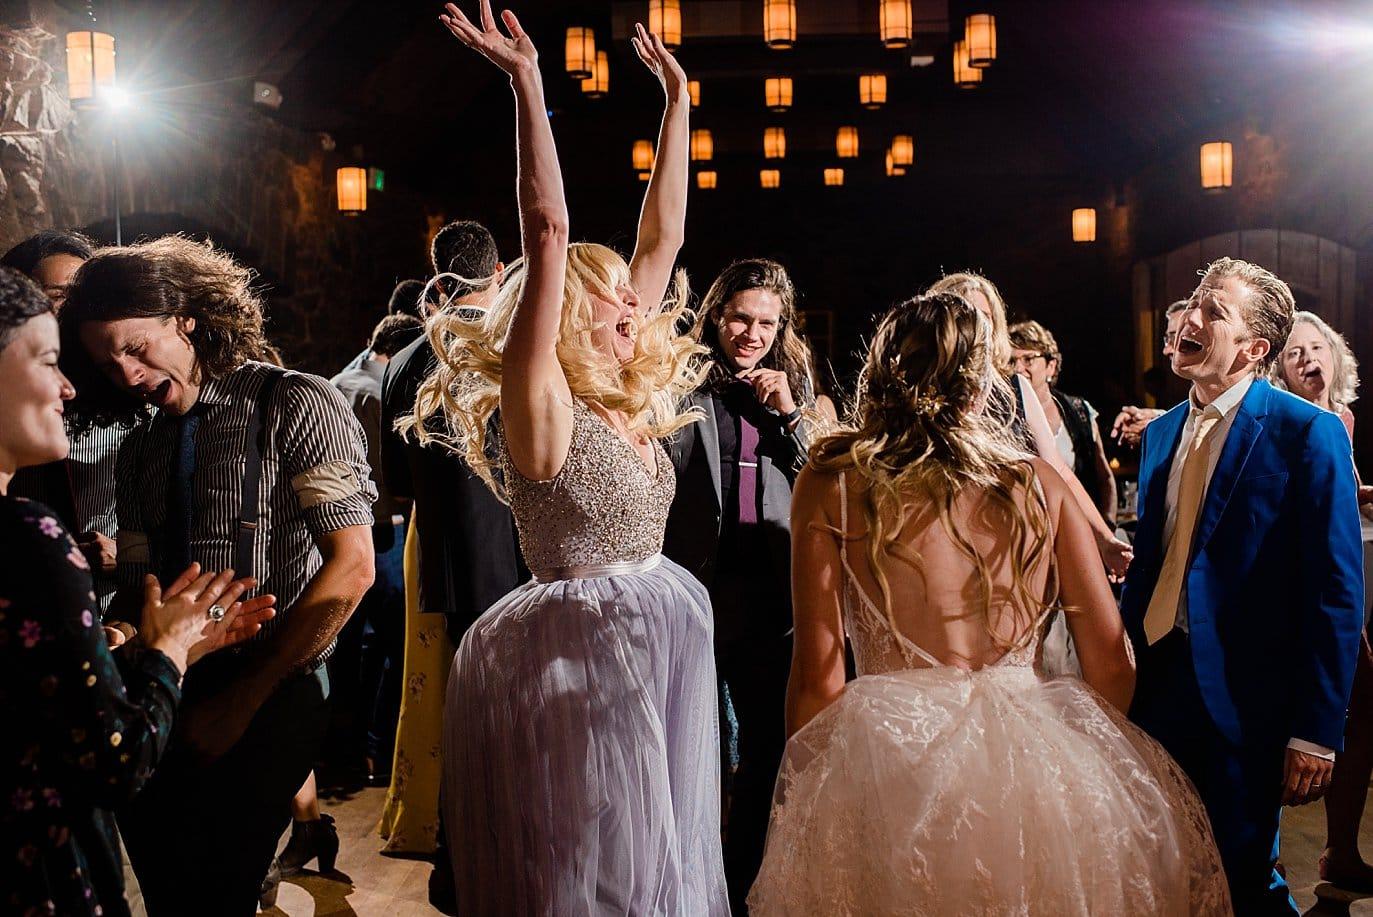 cheering bridesmaid during dancing at historic colorado mansion wedding